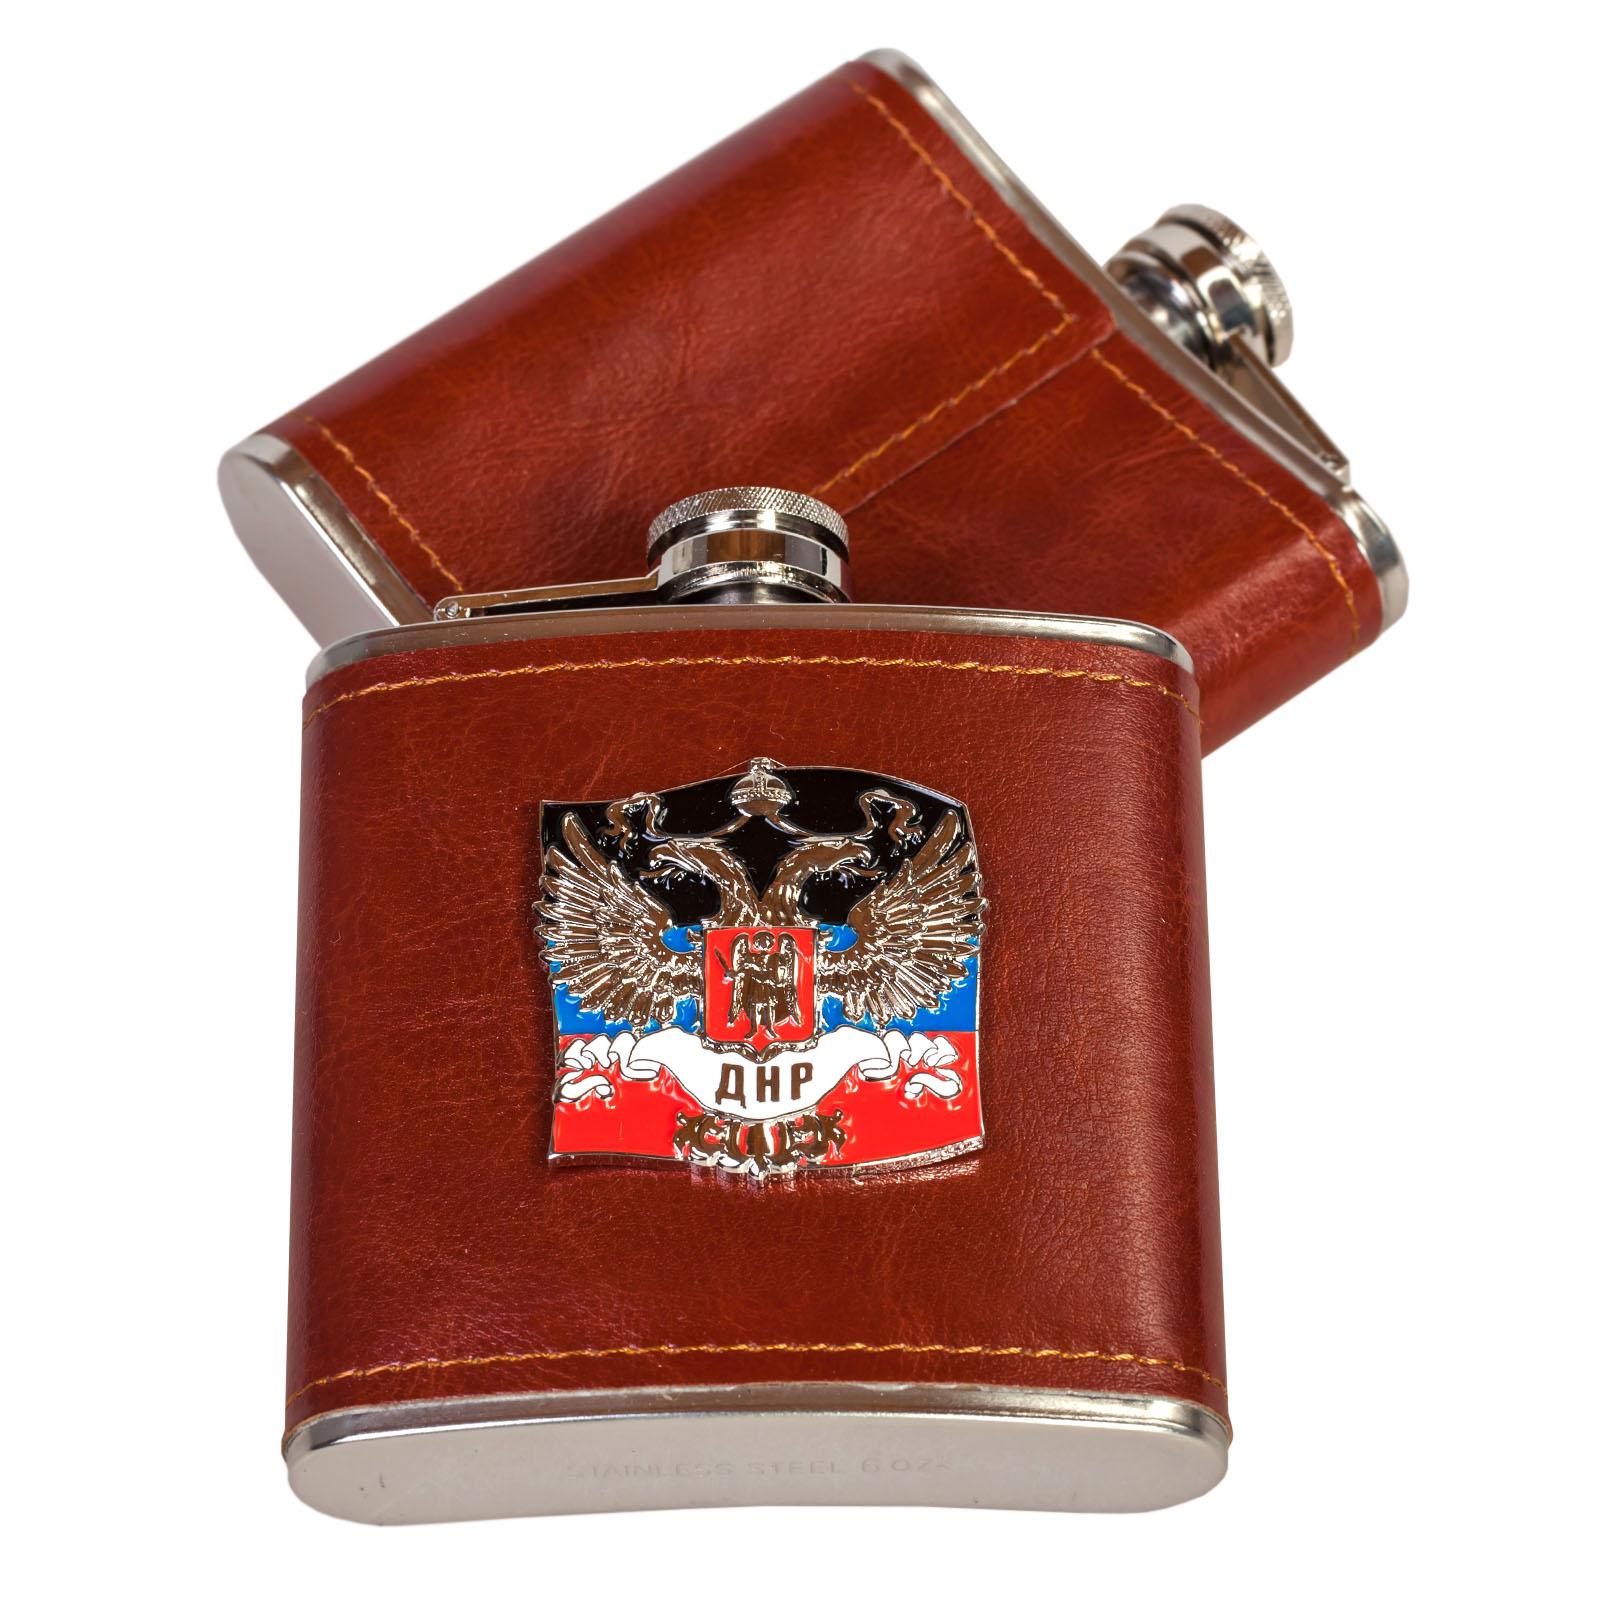 Фляжка-подарок с объемной символикой ДНР.